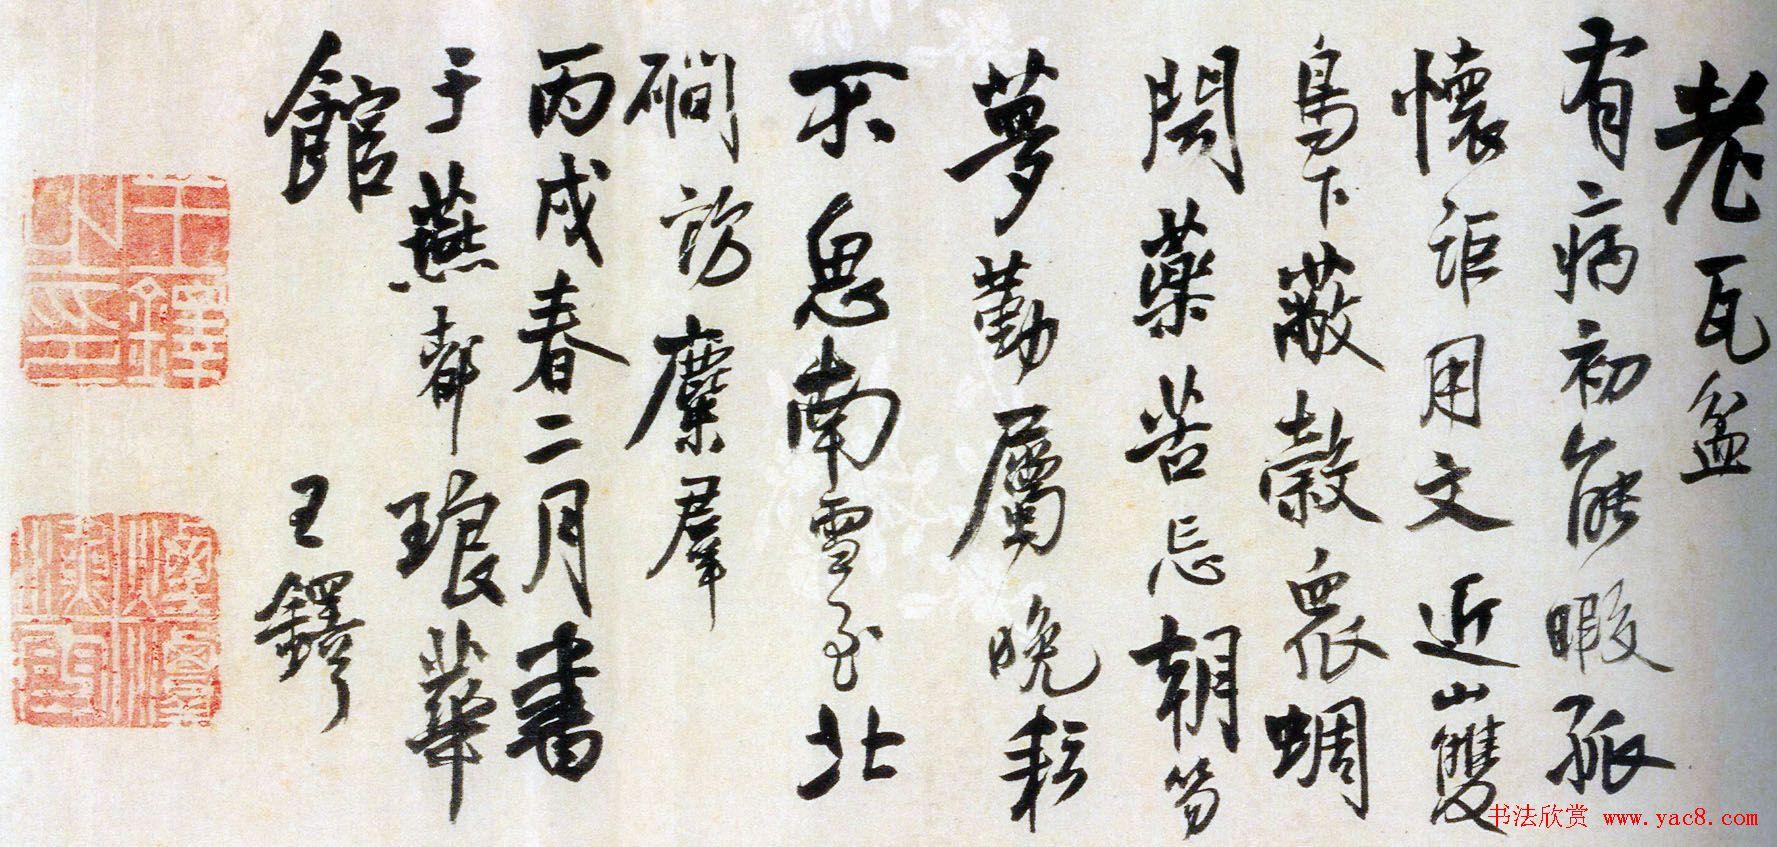 王铎行书诗卷欣赏《投语谷上人》